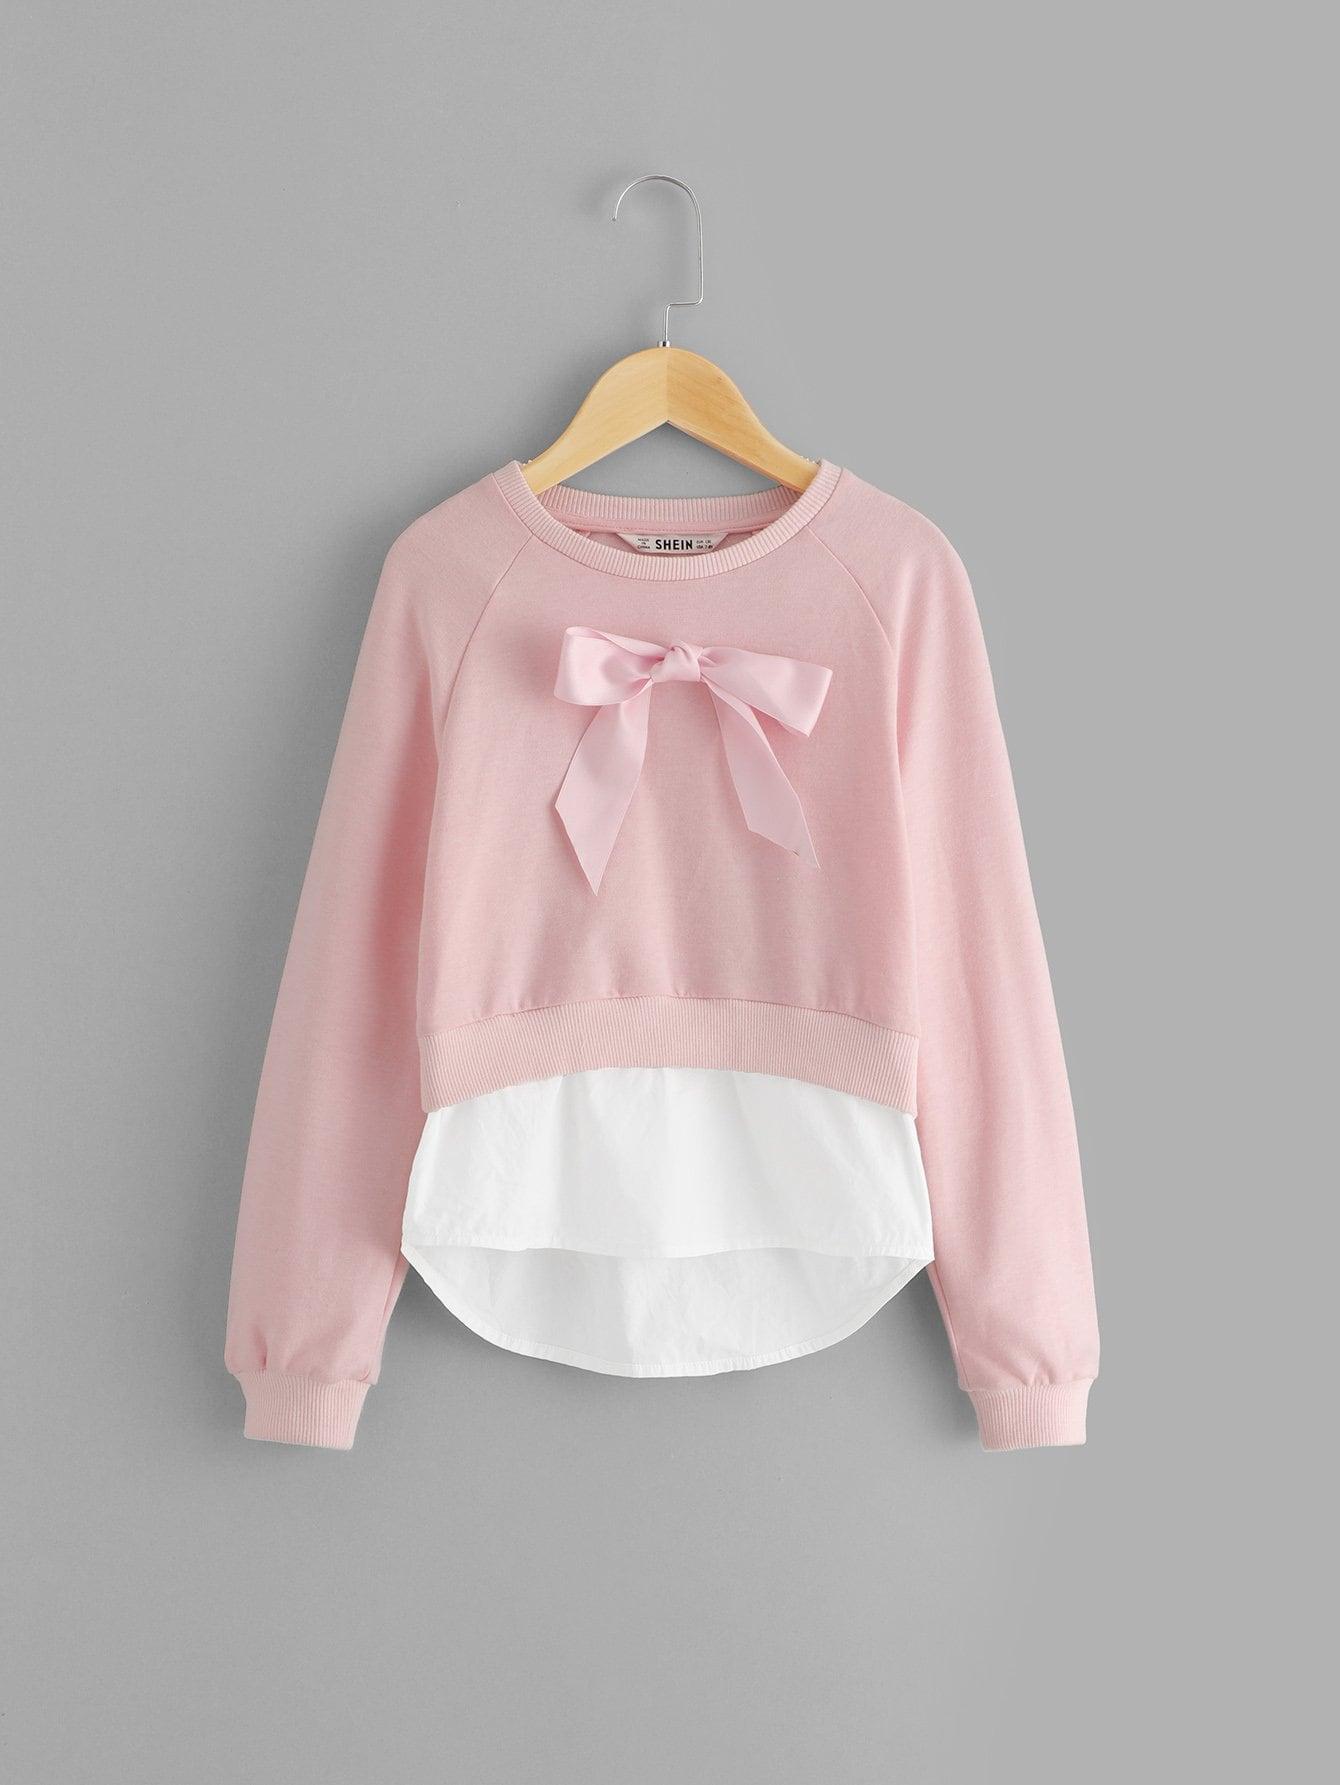 Купить Для девочек пуловер с рукав-регланом с бантом, null, SheIn